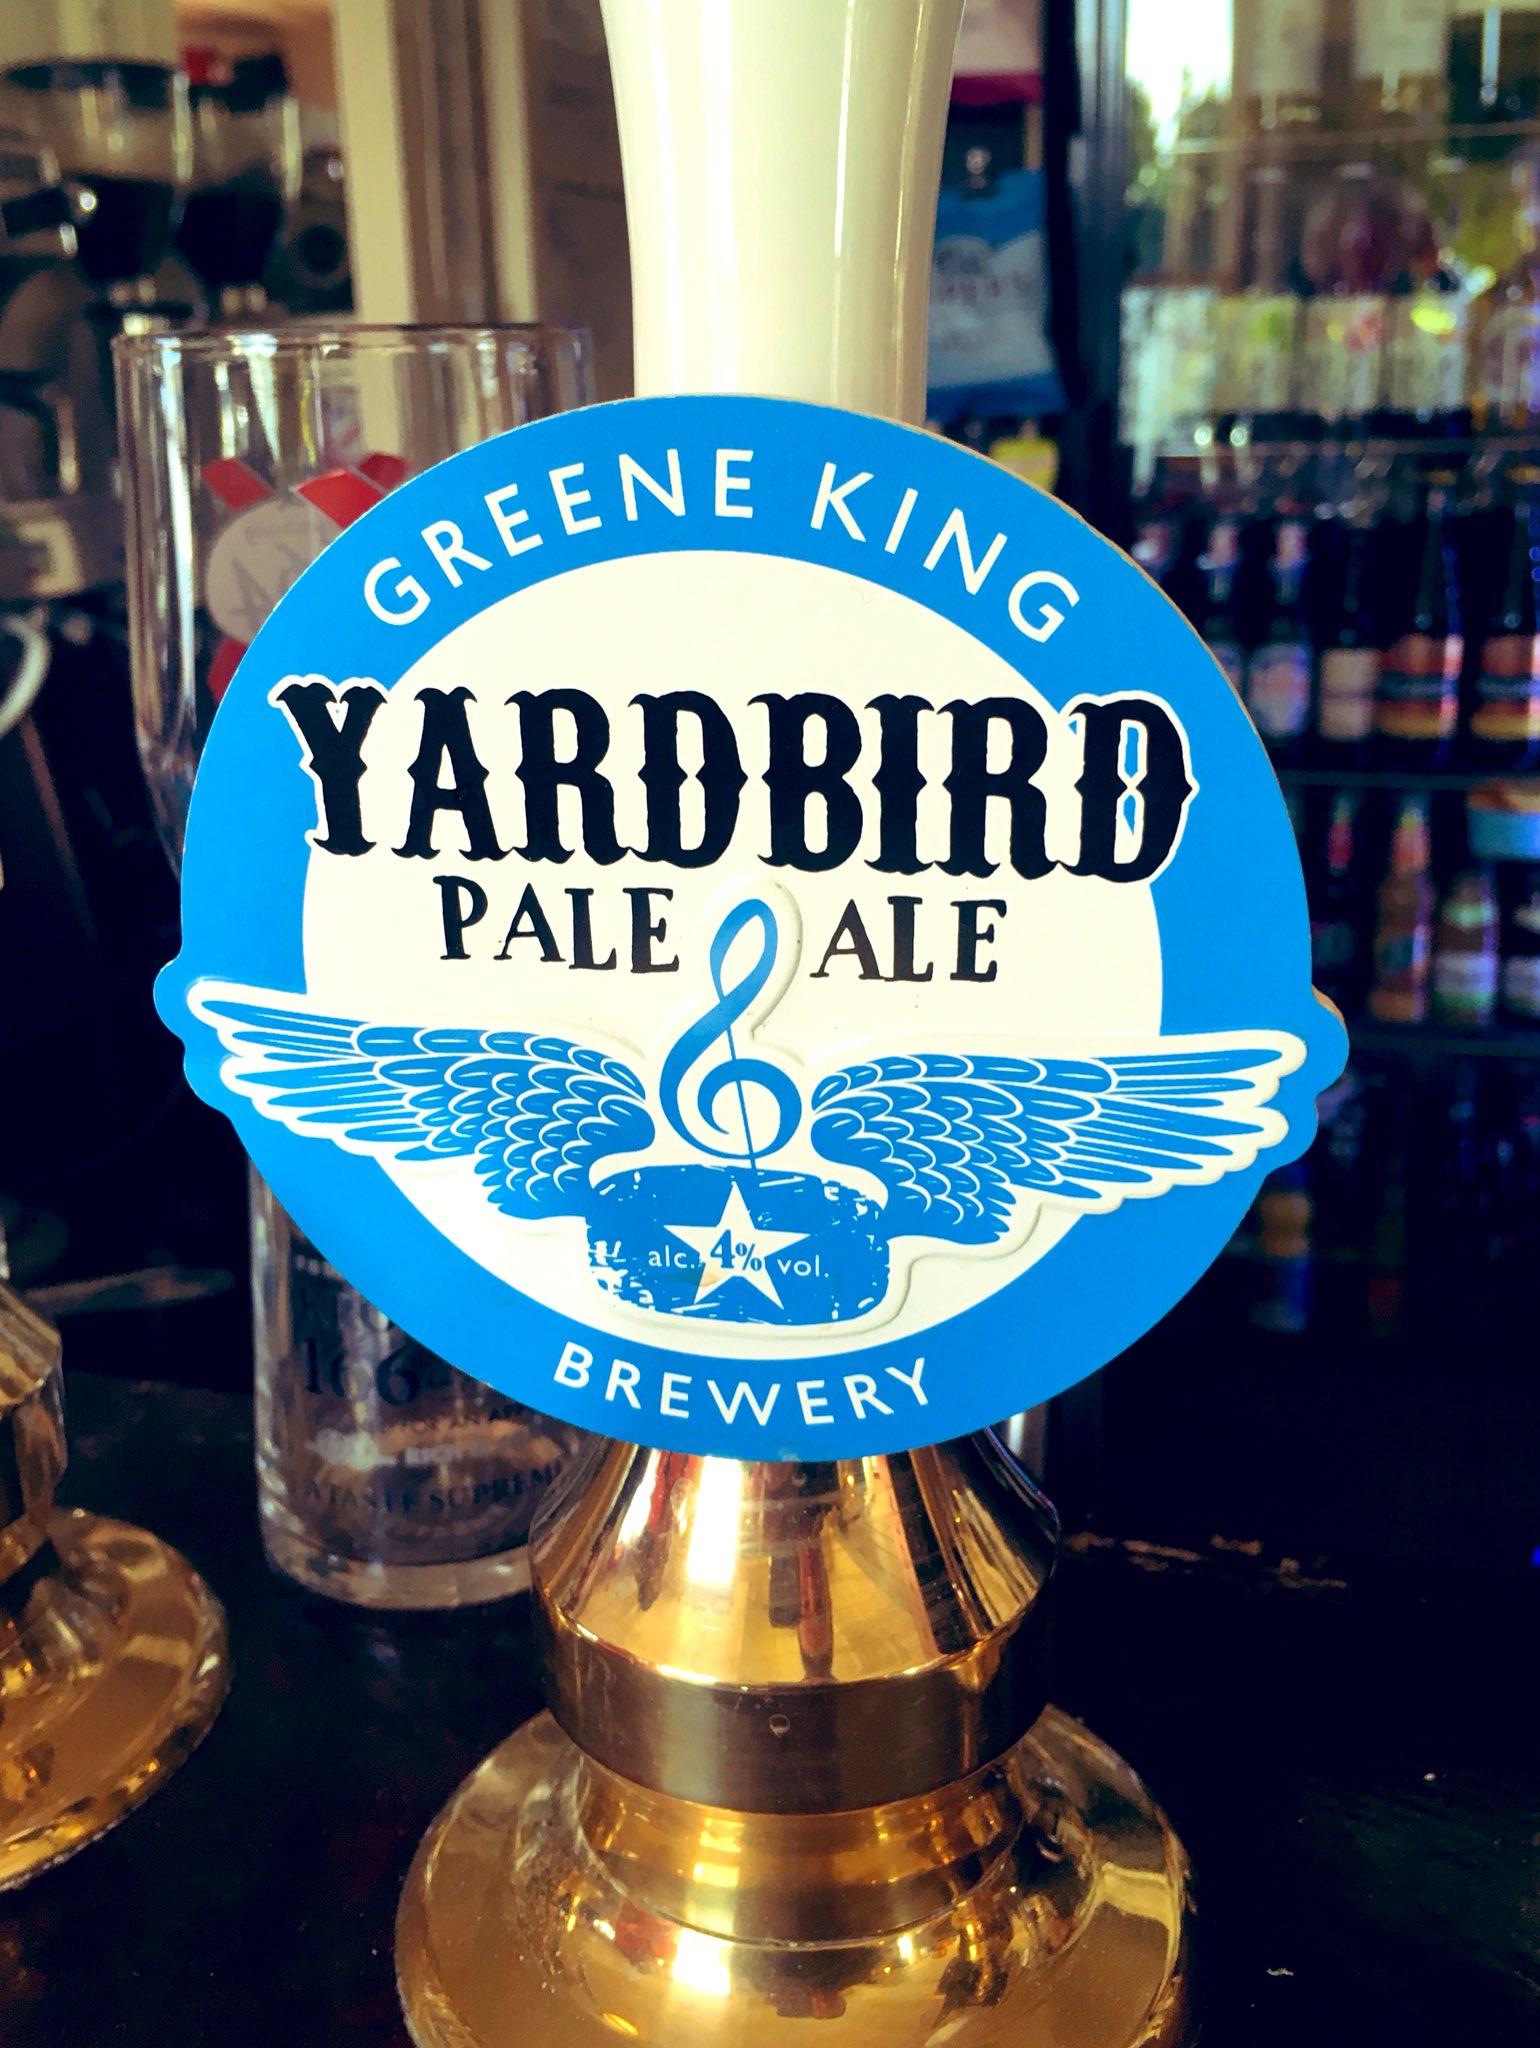 98: Yardbird